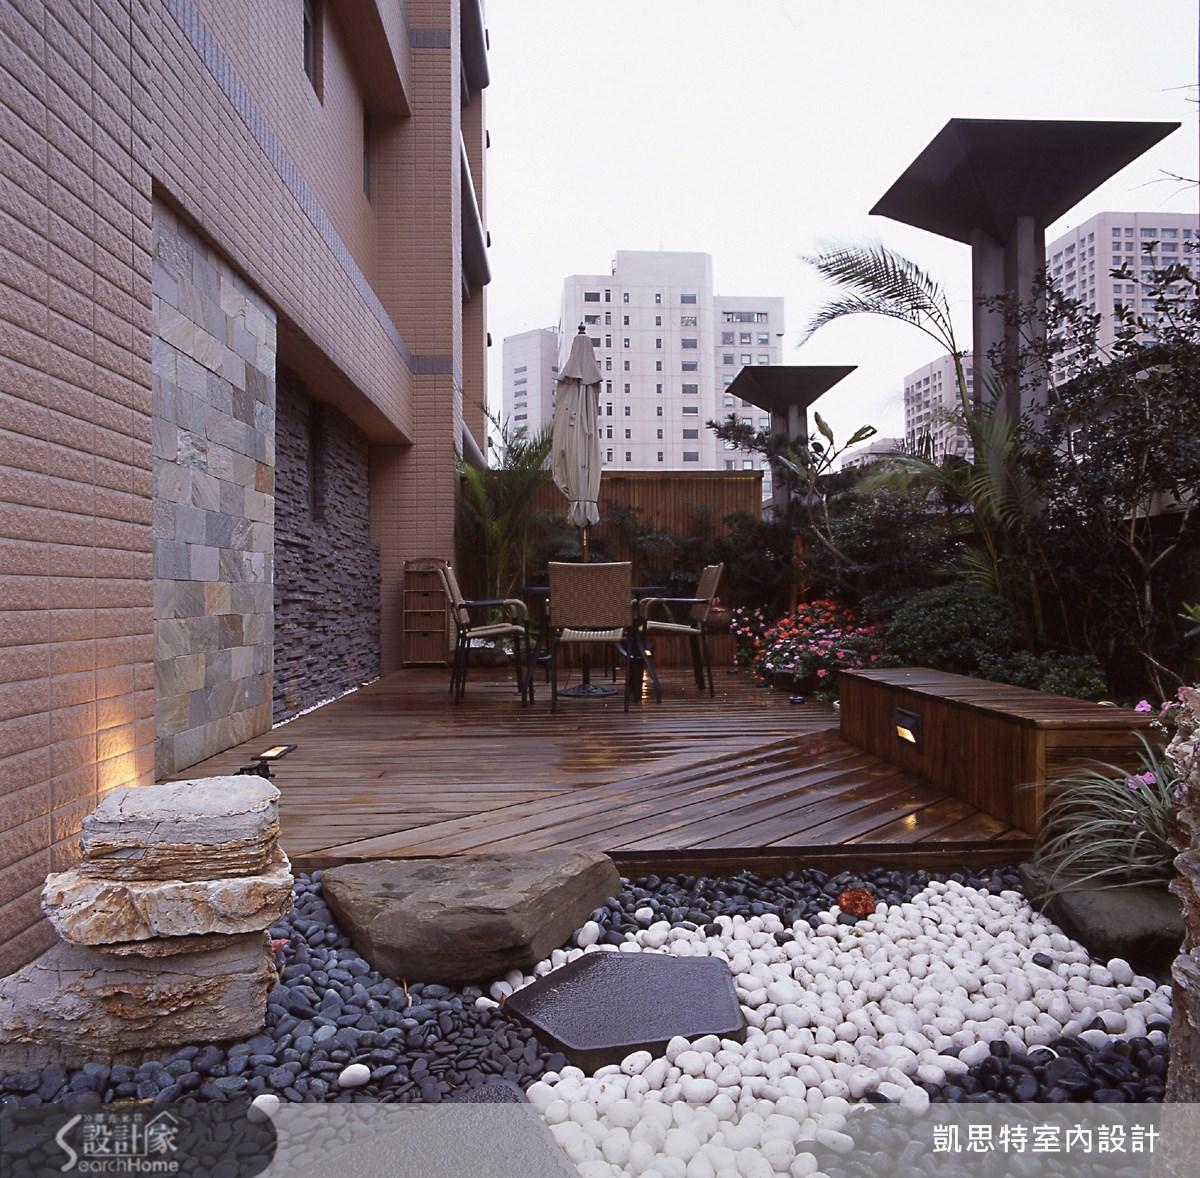 50坪新成屋(5年以下)_休閒風案例圖片_凱思特室內設計有限公司_凱思特_11之2